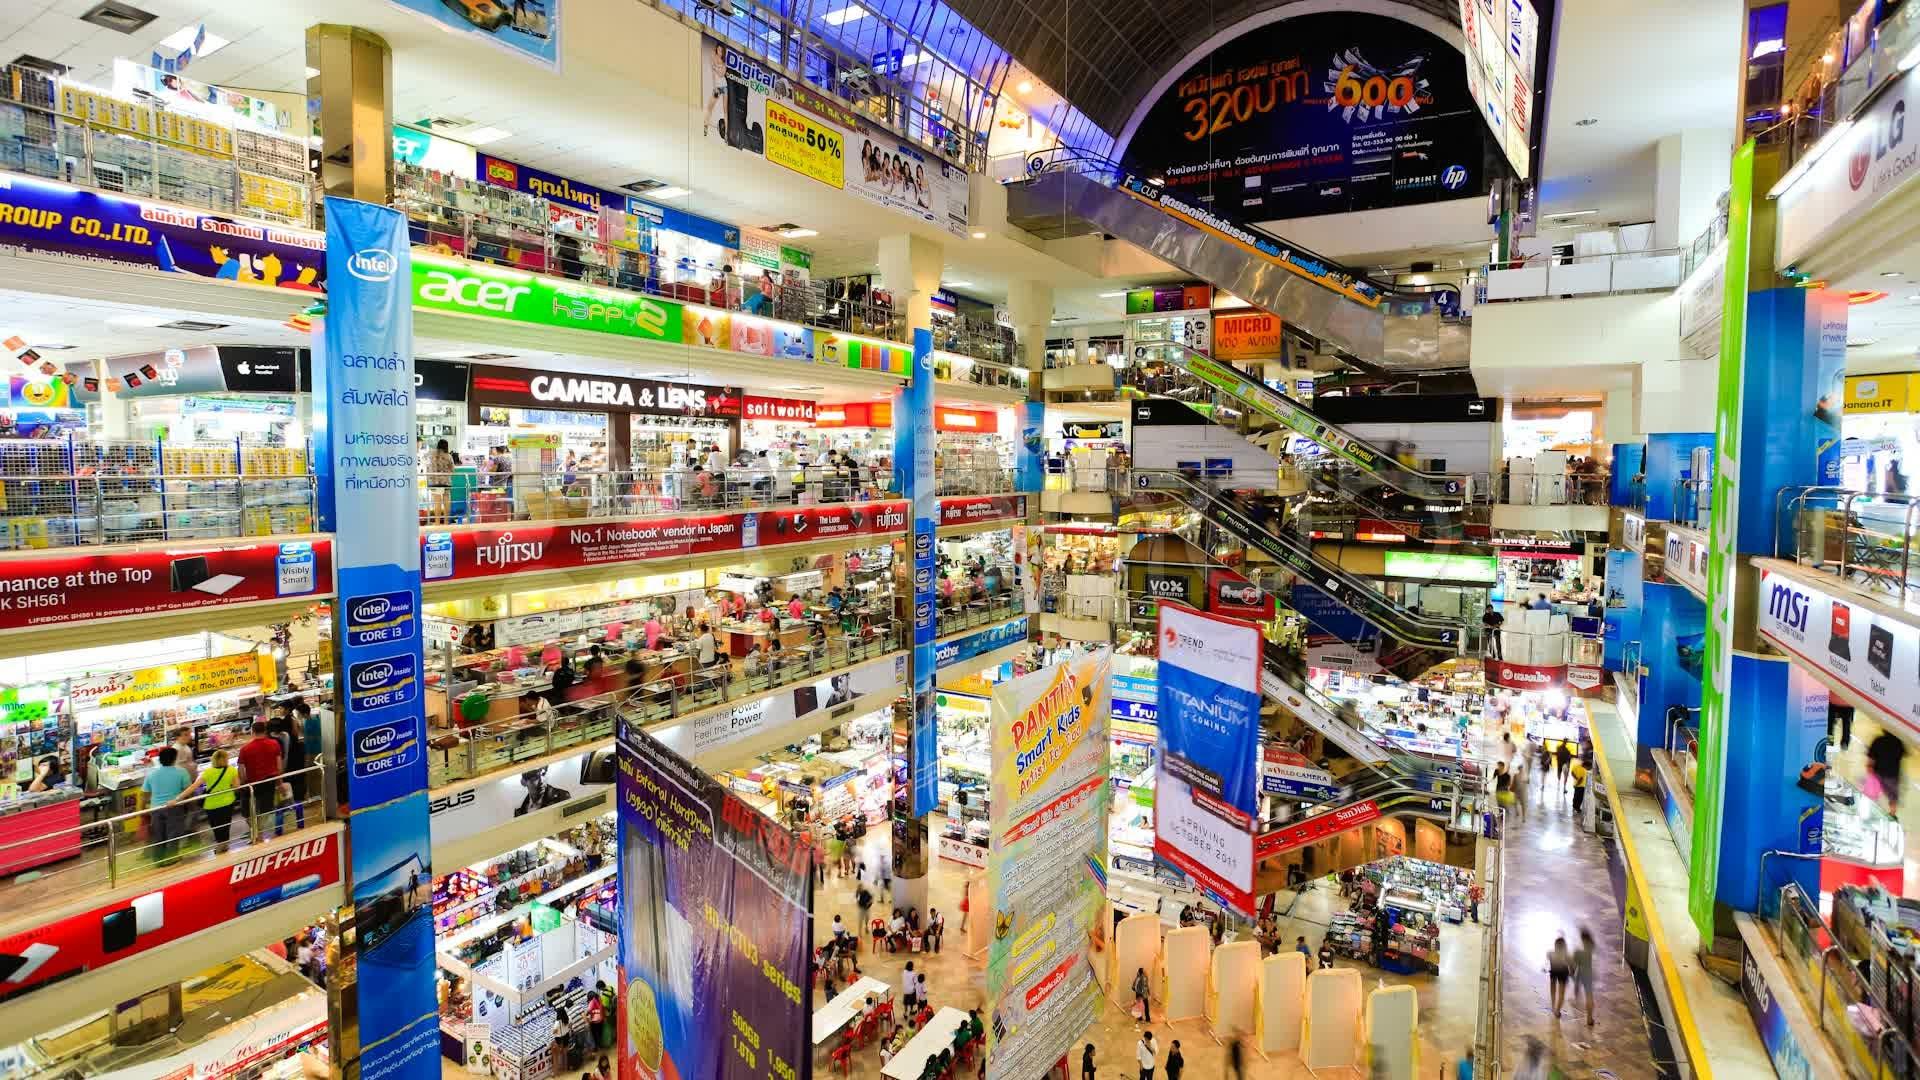 Nhiều người gọi Bangkok Thái Lan là thiên đường mua sắm bởi cực nhiều đồ mà giá cũng phải chăng